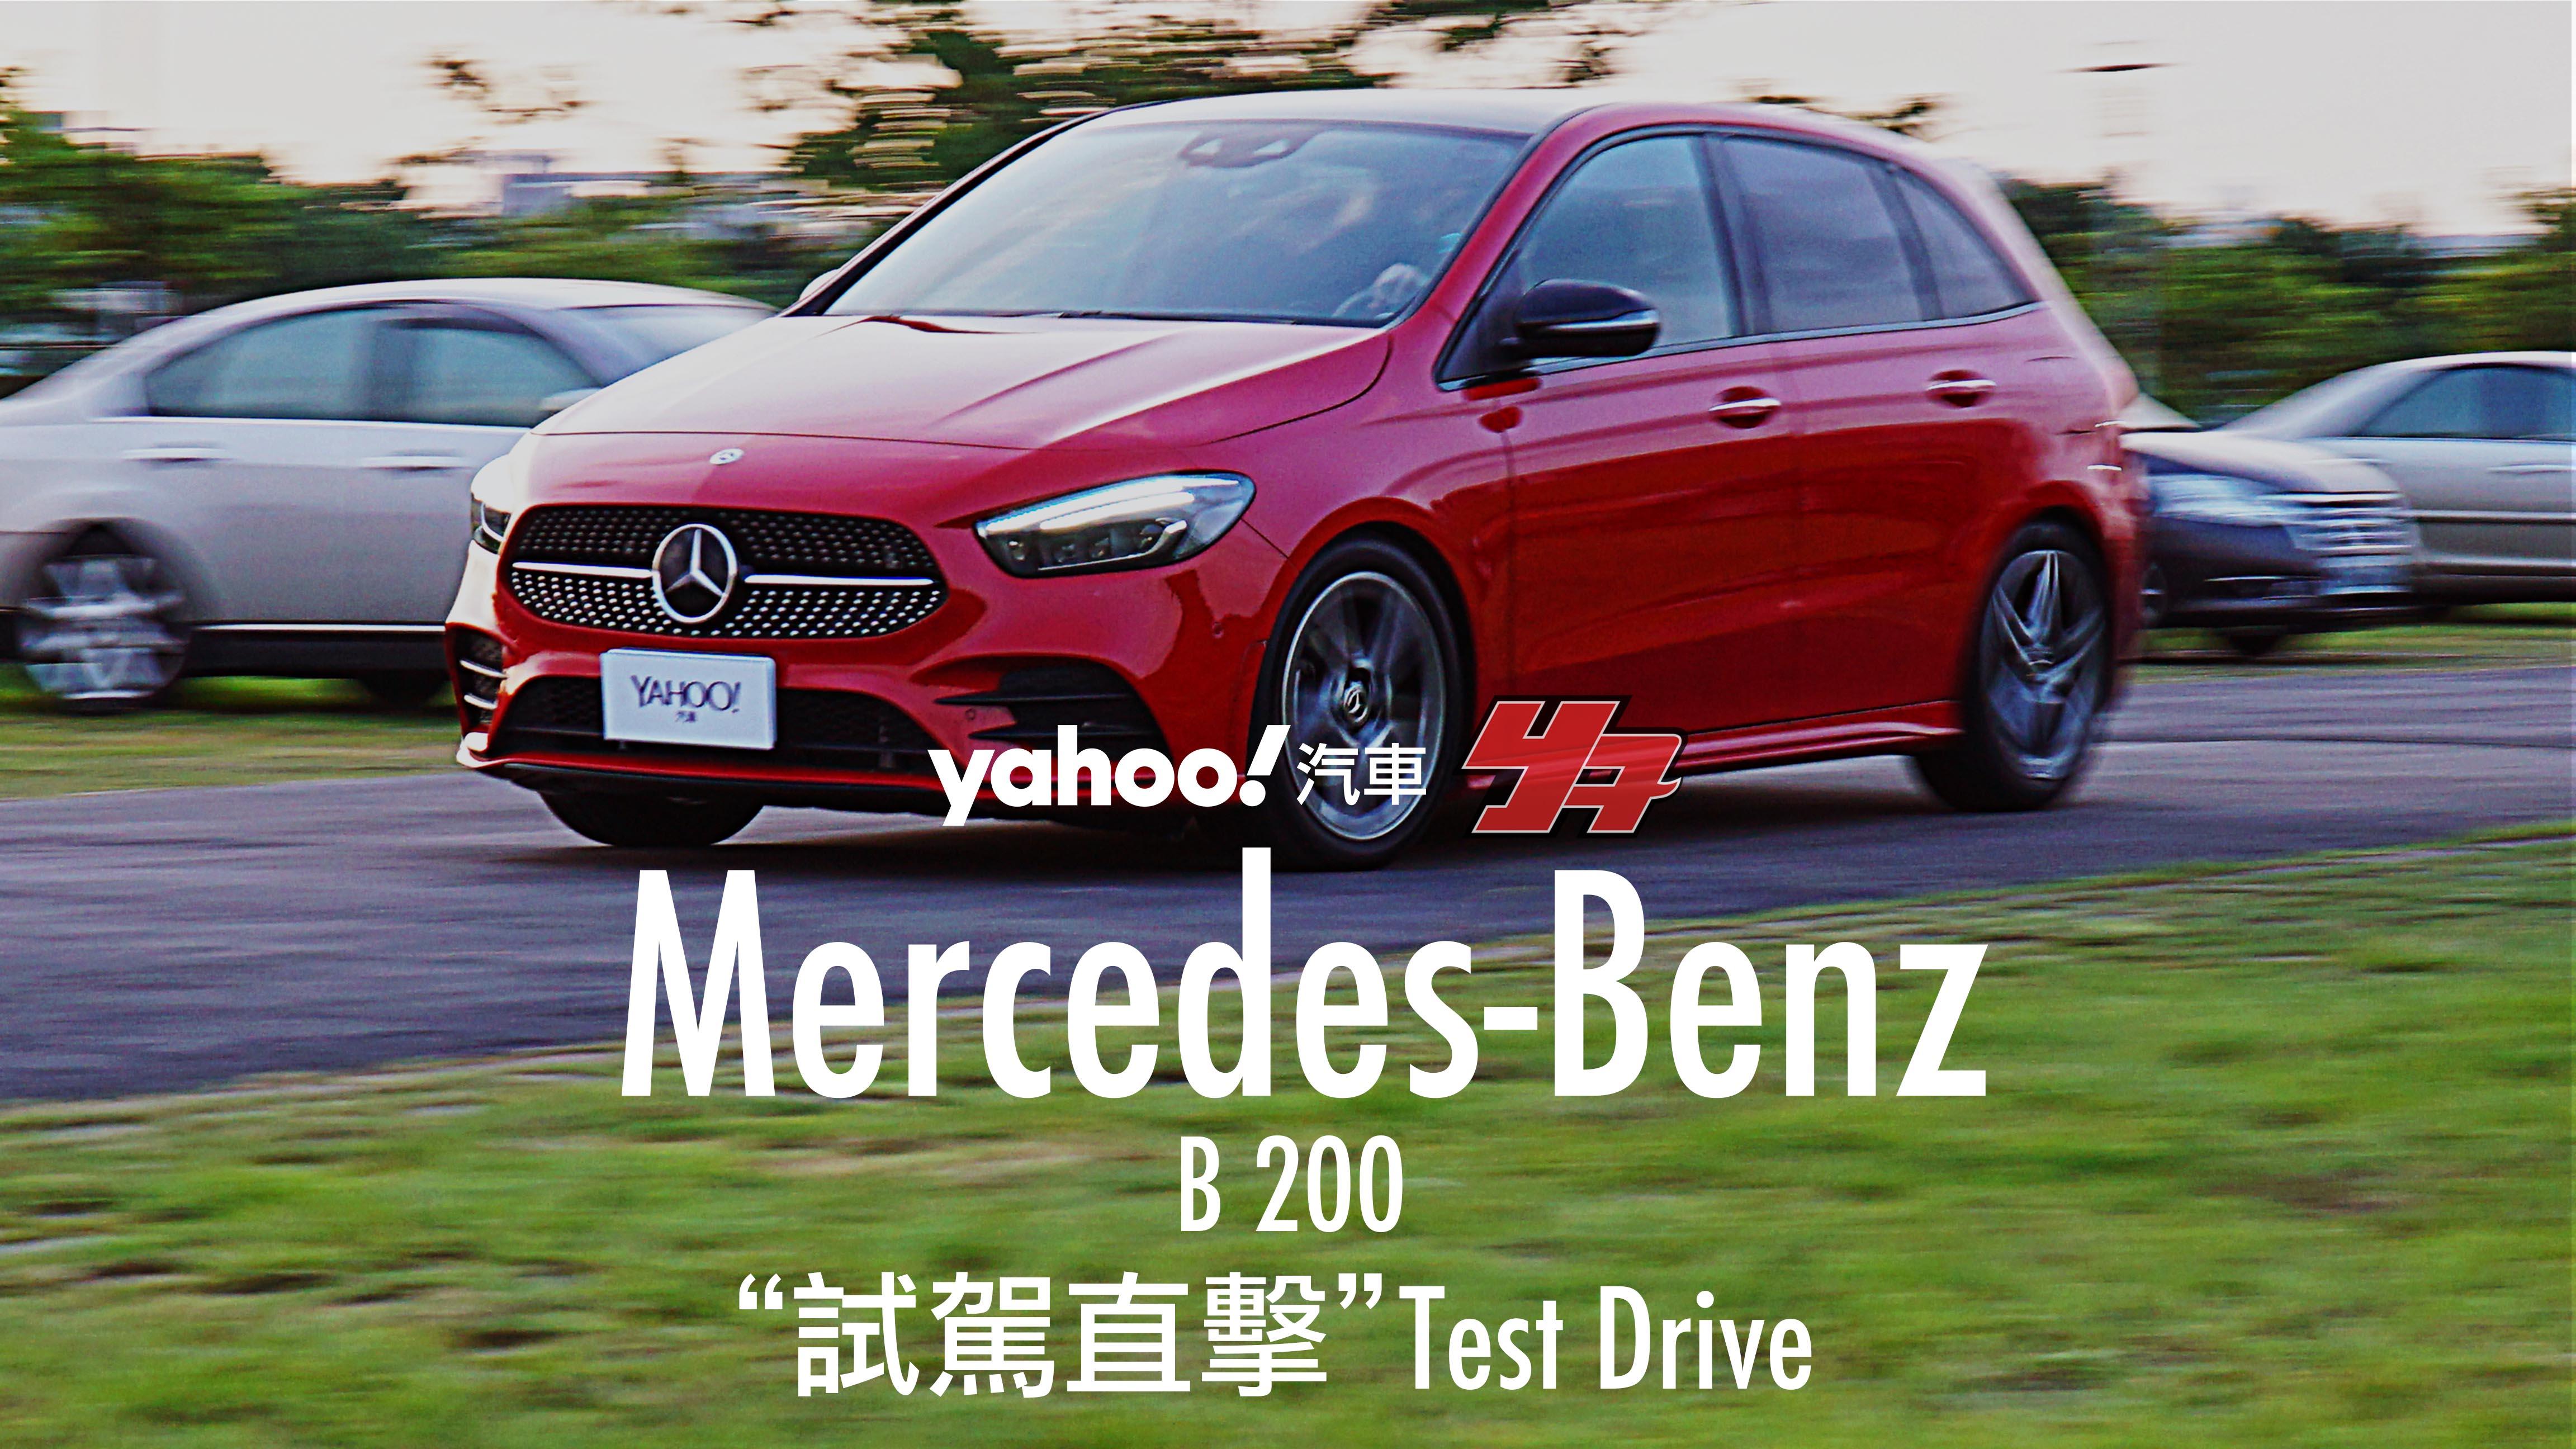 【試駕直擊】可愛又迷人的反叛角色?2019 Mercedes-Benz B-Class B200城郊試駕!